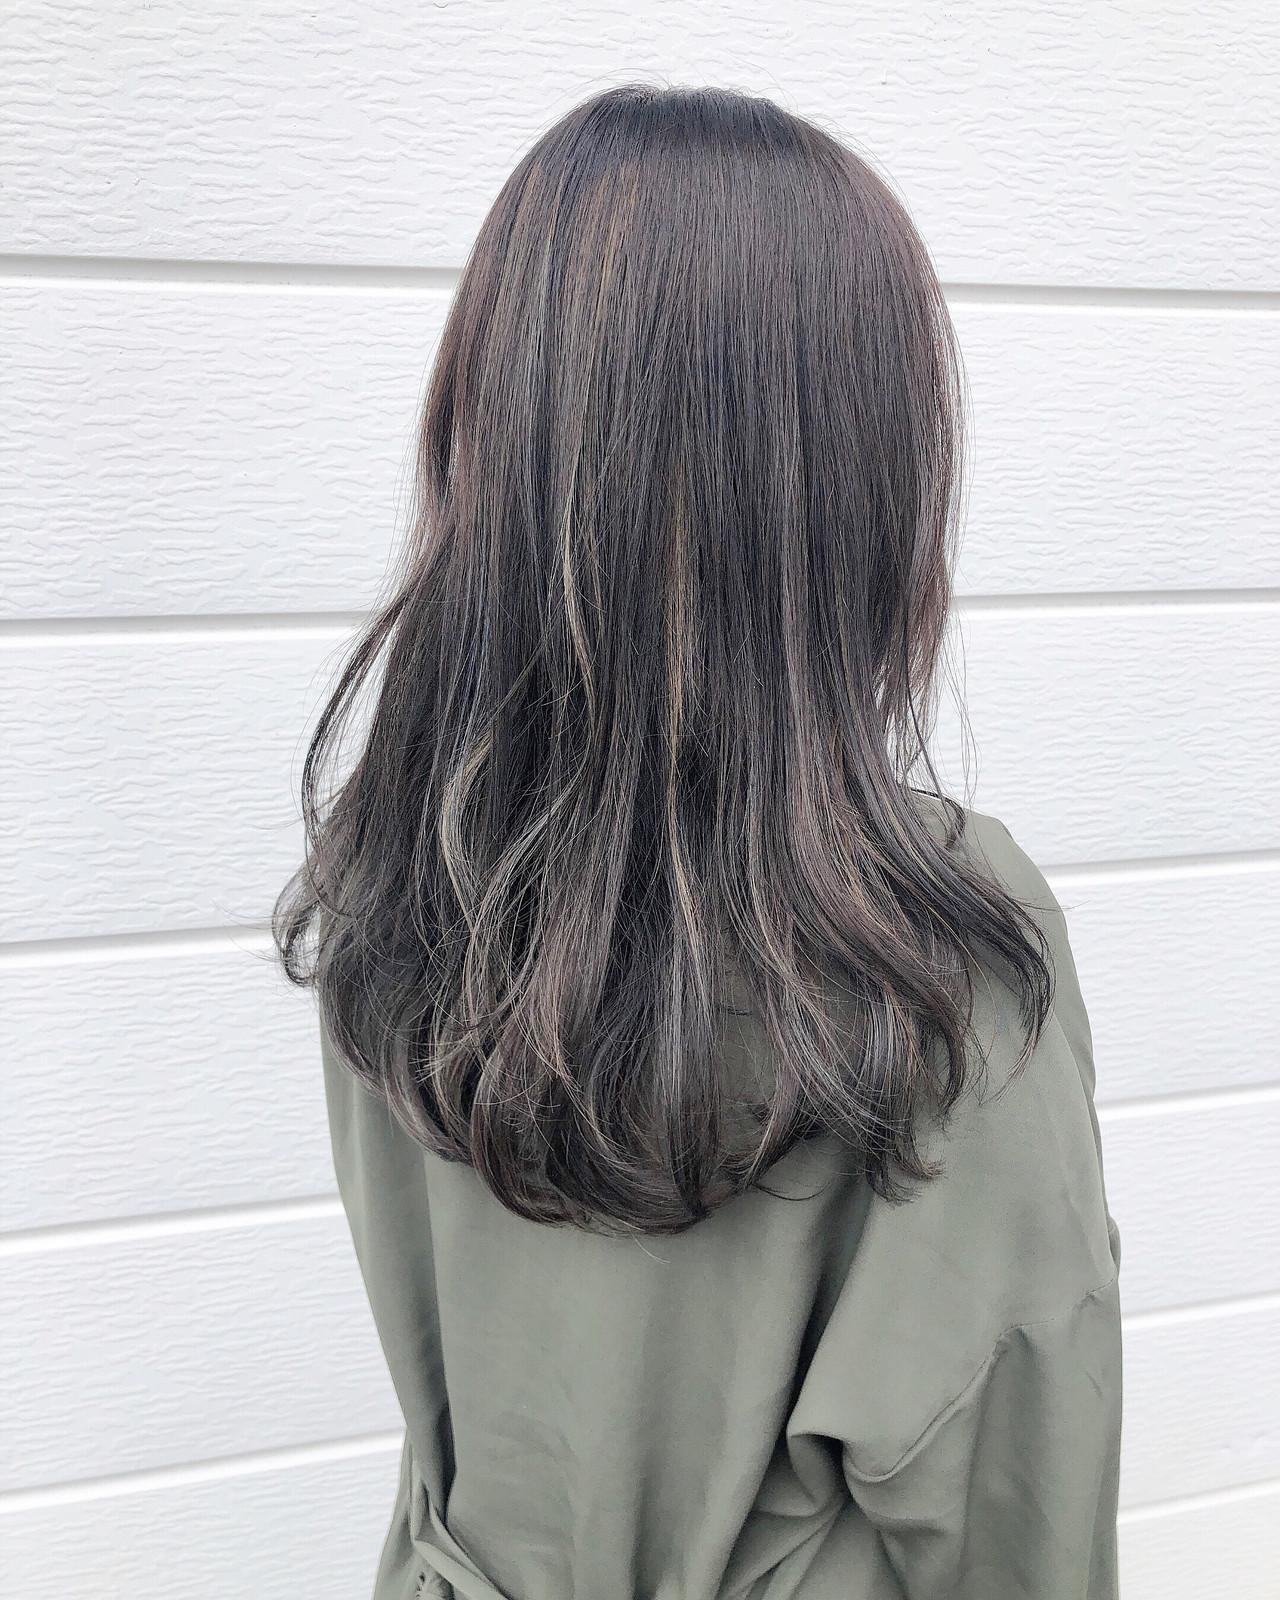 ナチュラル 透明感カラー ロング ヘアスタイル ヘアスタイルや髪型の写真・画像   村山隆幸 / CAFUNE'(カフネ   )